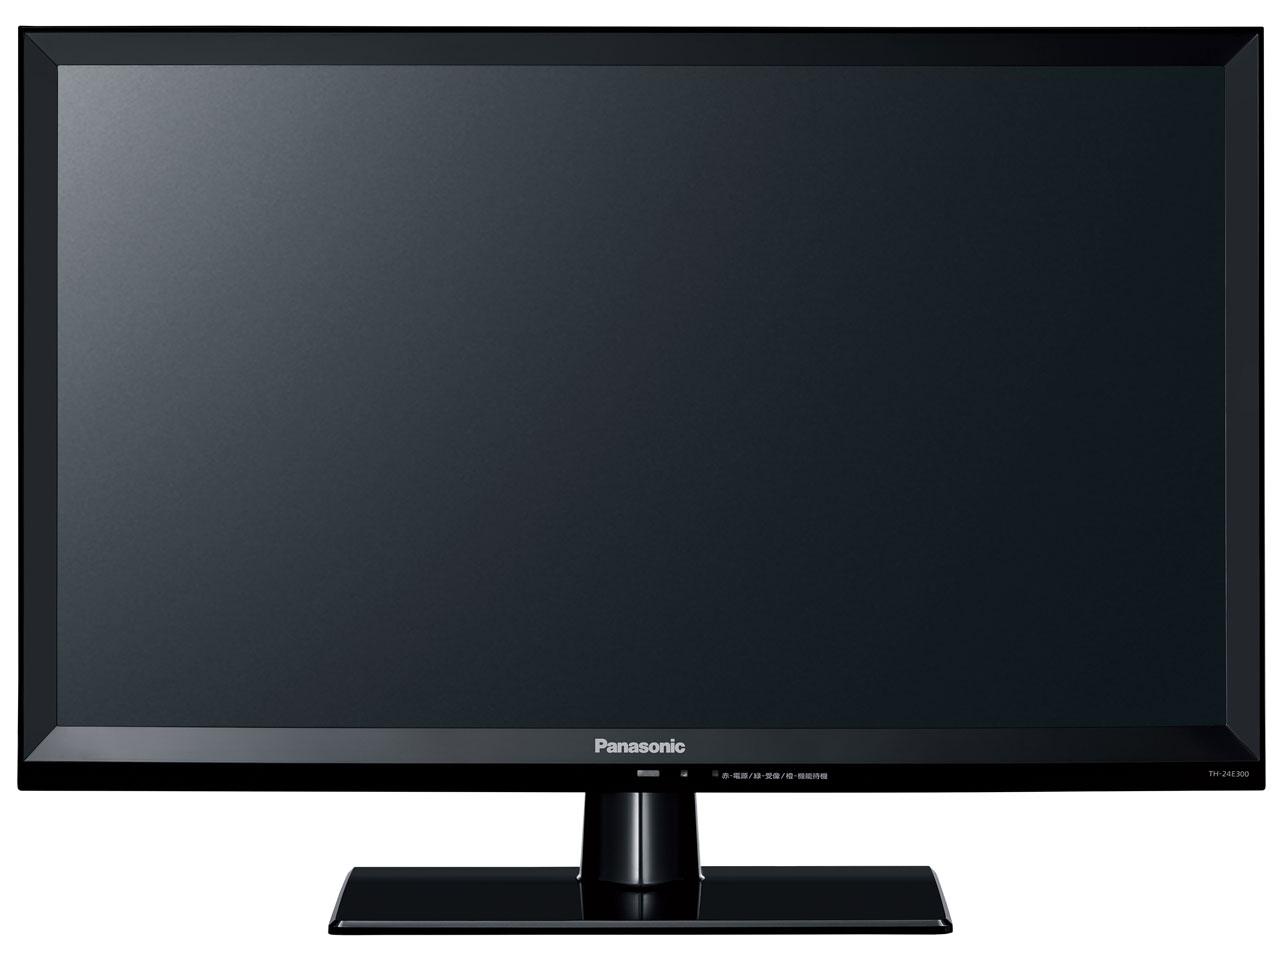 TH-24E300 [24インチ] VIERA Panasonic パナソニック 液晶テレビ【送料無料】【新品】【テレビ】【LED】【ビエラ】